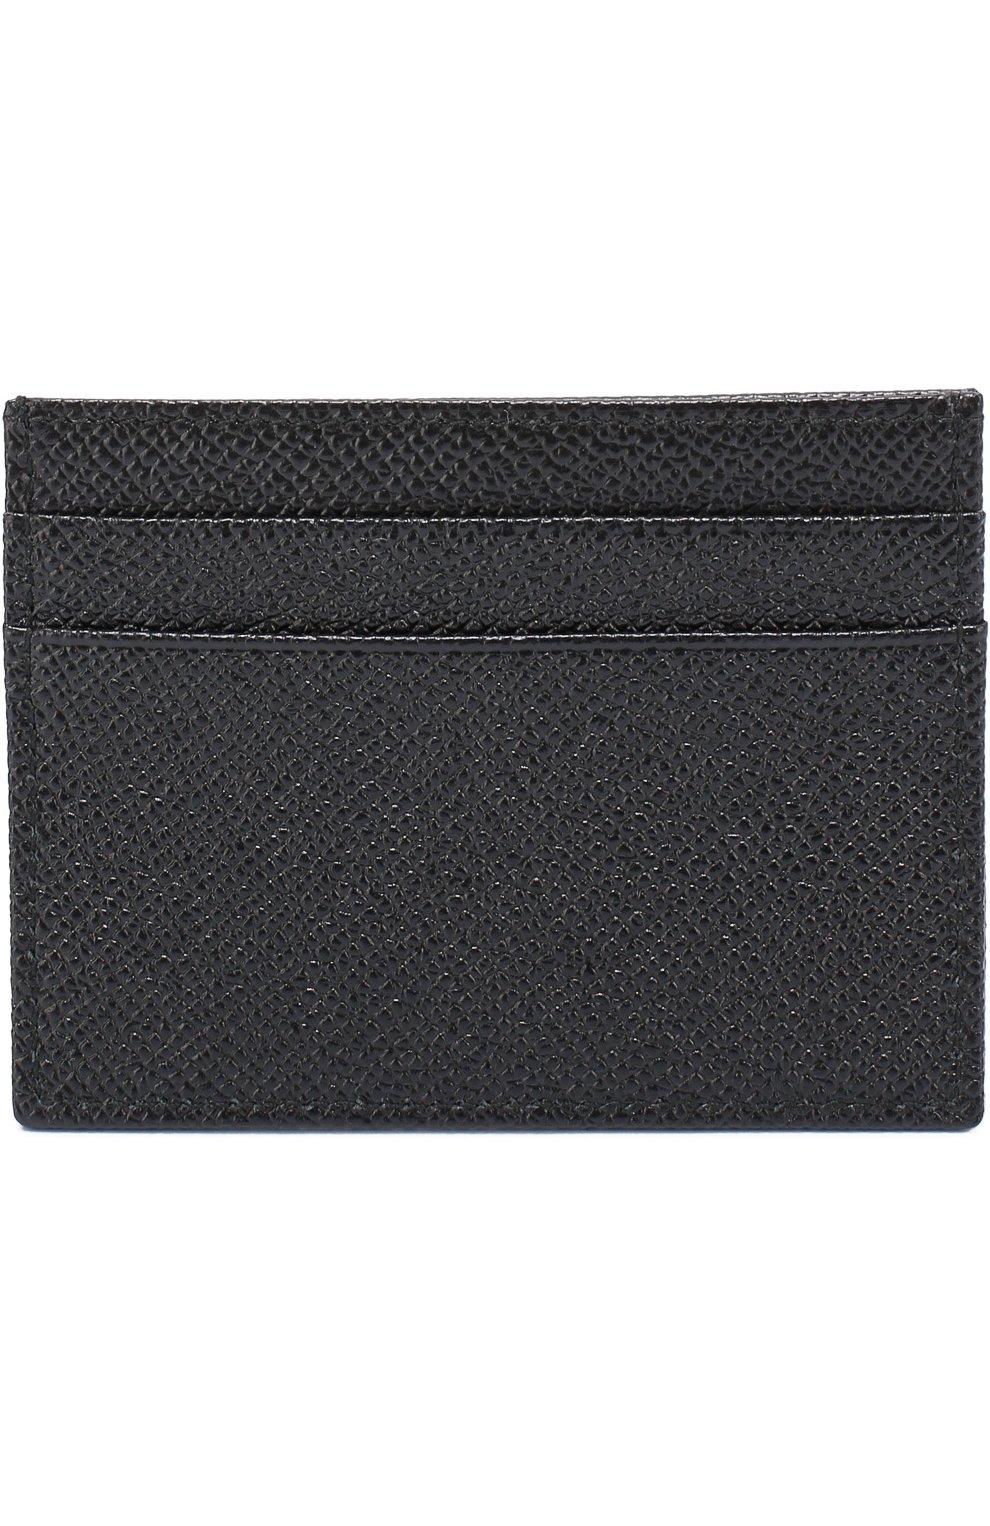 Кожаный футляр для кредитных карт Dolce & Gabbana черного цвета | Фото №2